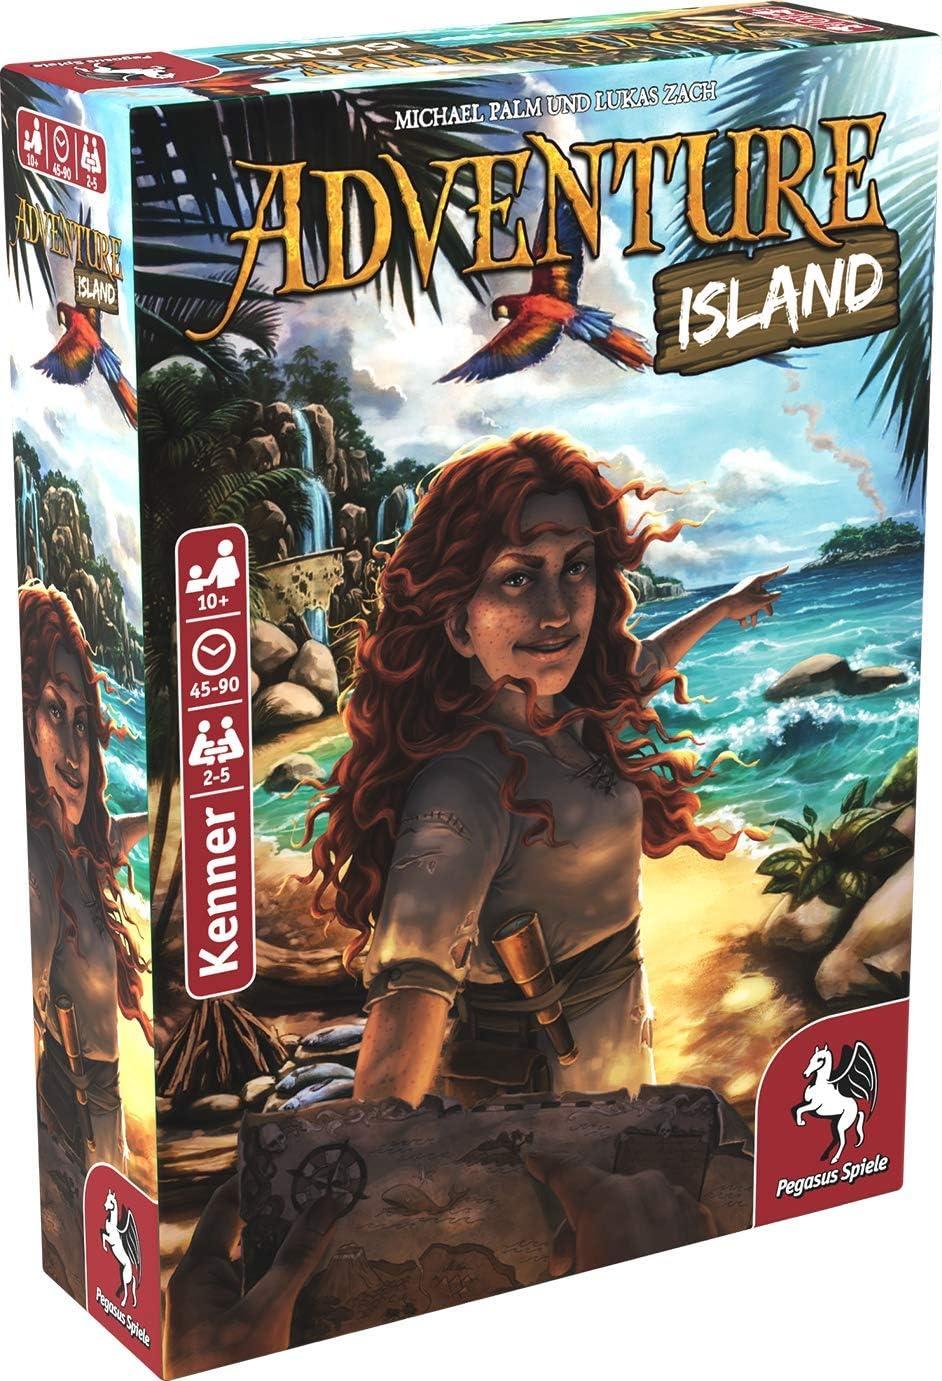 Pegasus Spiele- Juego de Mesa, Color incoloro (51843G): Amazon.es: Juguetes y juegos